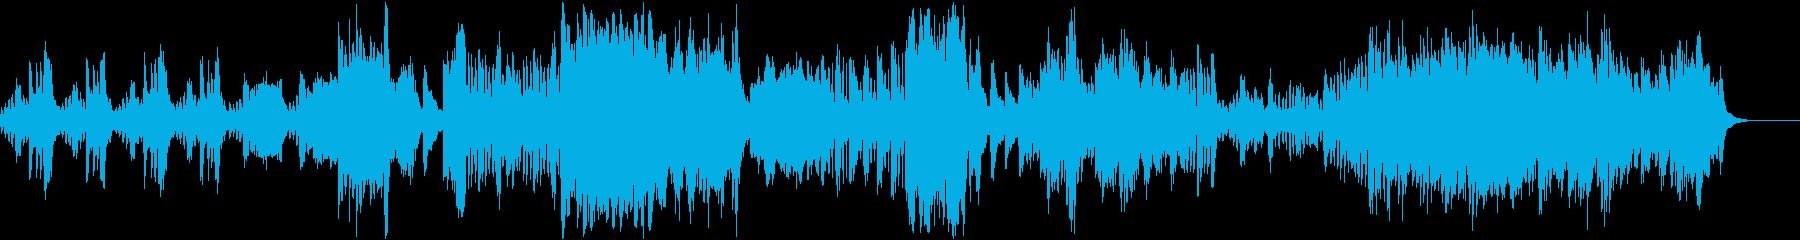 ピアノ協奏曲第21番第3楽章モーツァルトの再生済みの波形